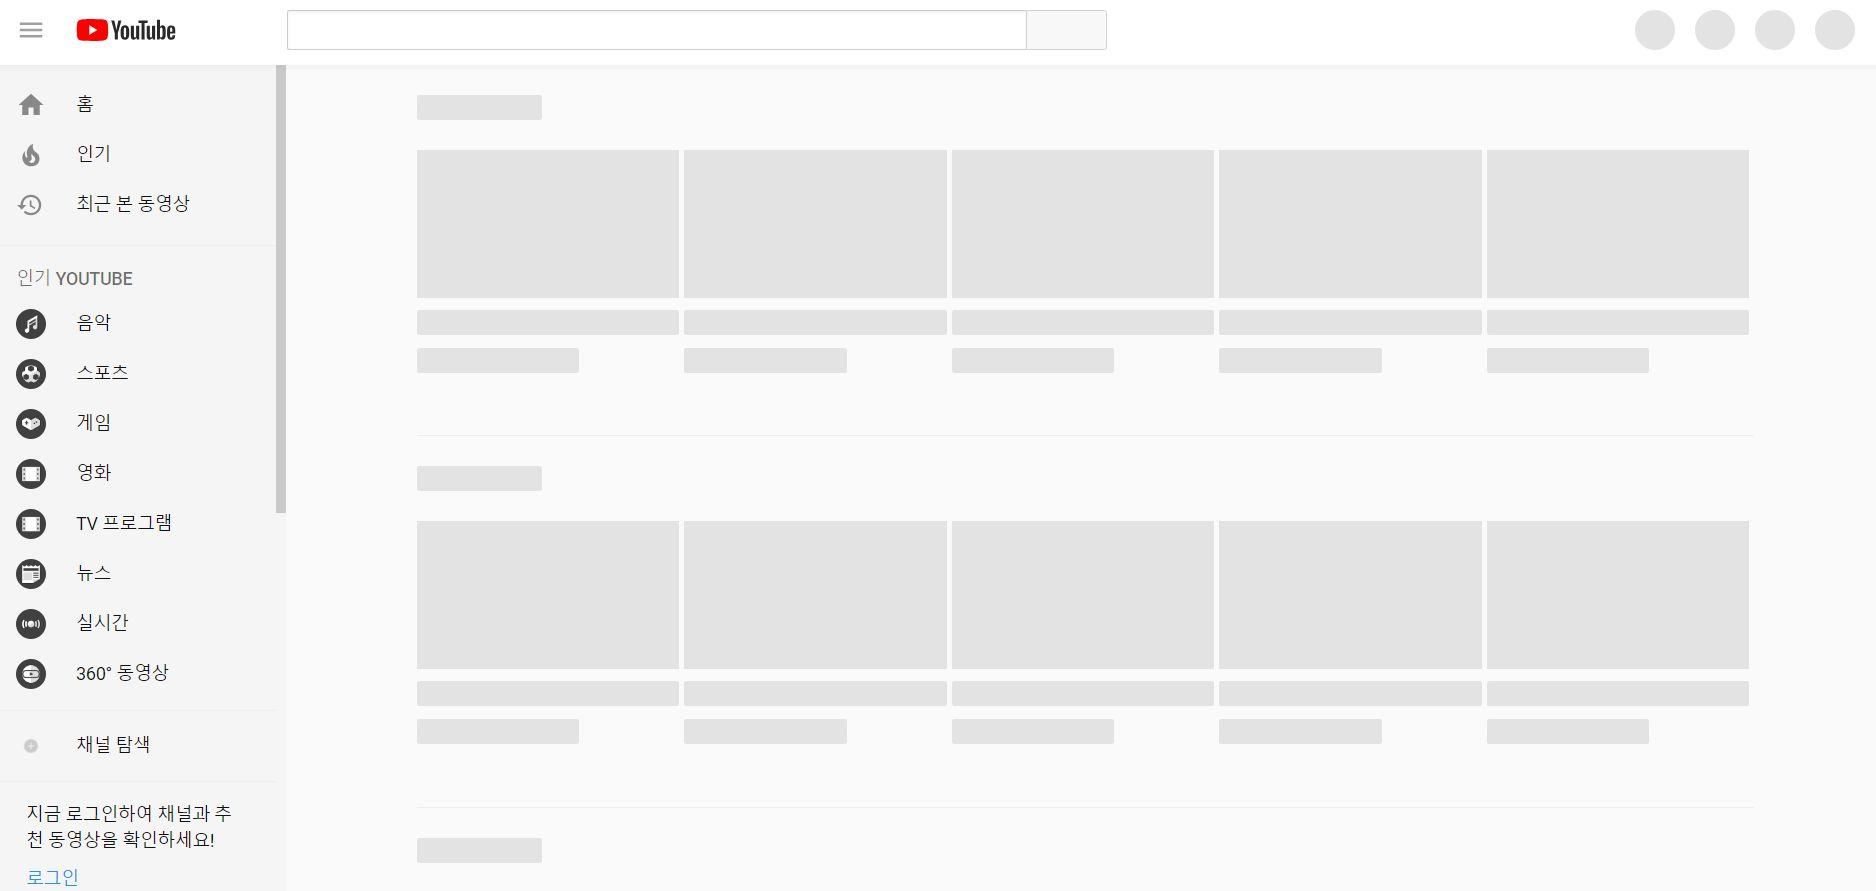 17일 오전 10시45분 현재 전세계 유튜브 서버가